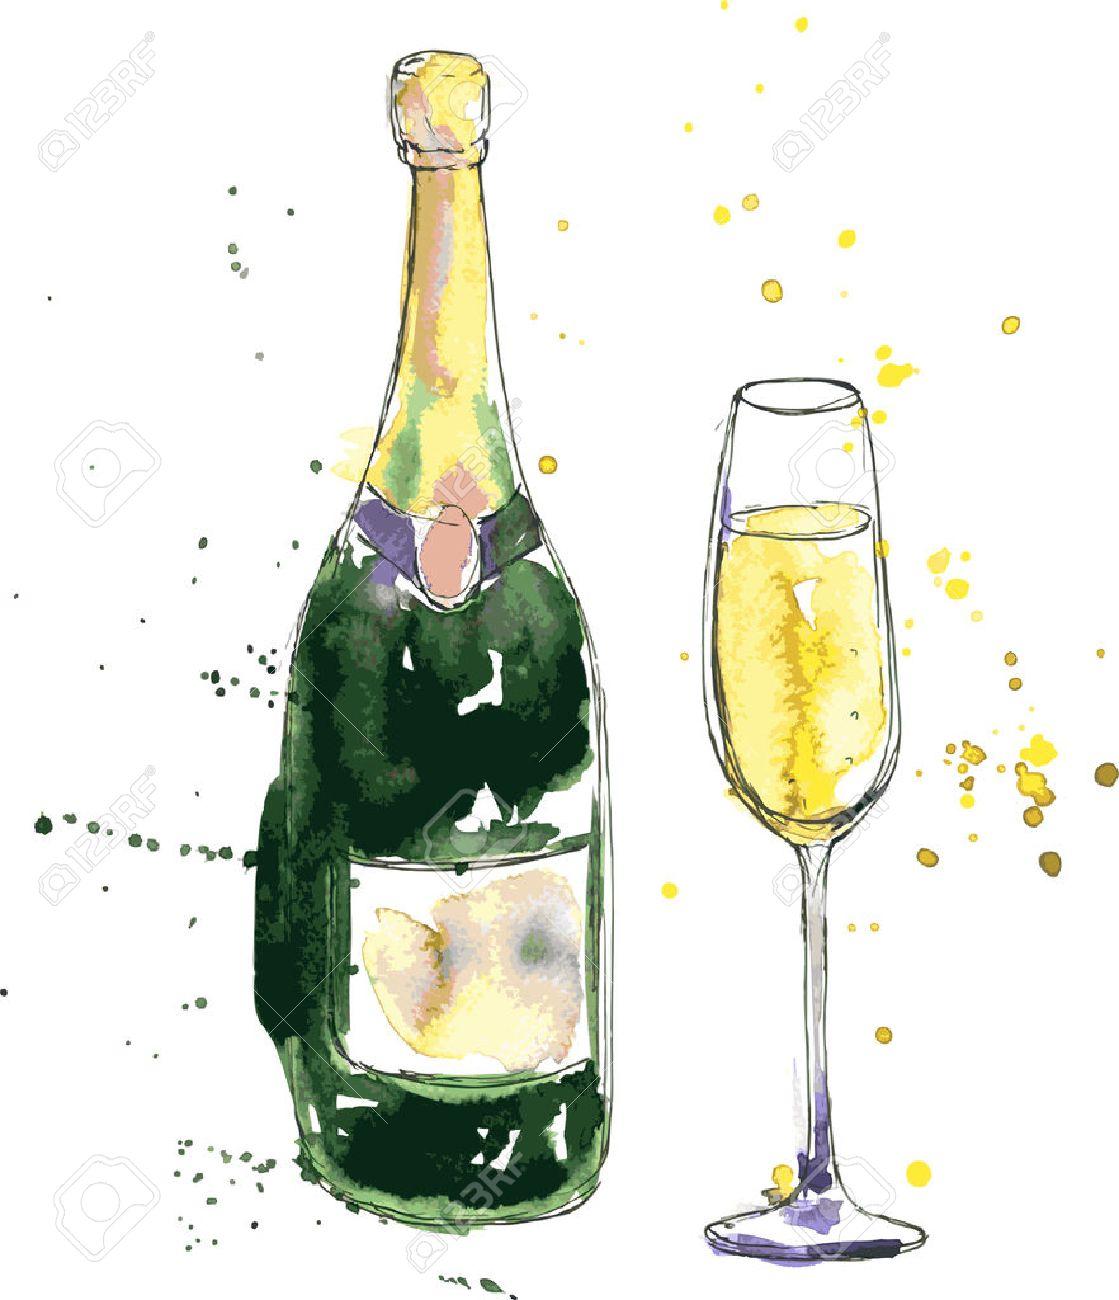 Bouteille De Champagne Dessin bouteille de champagne et de verre, dessin de l'aquarelle et de l